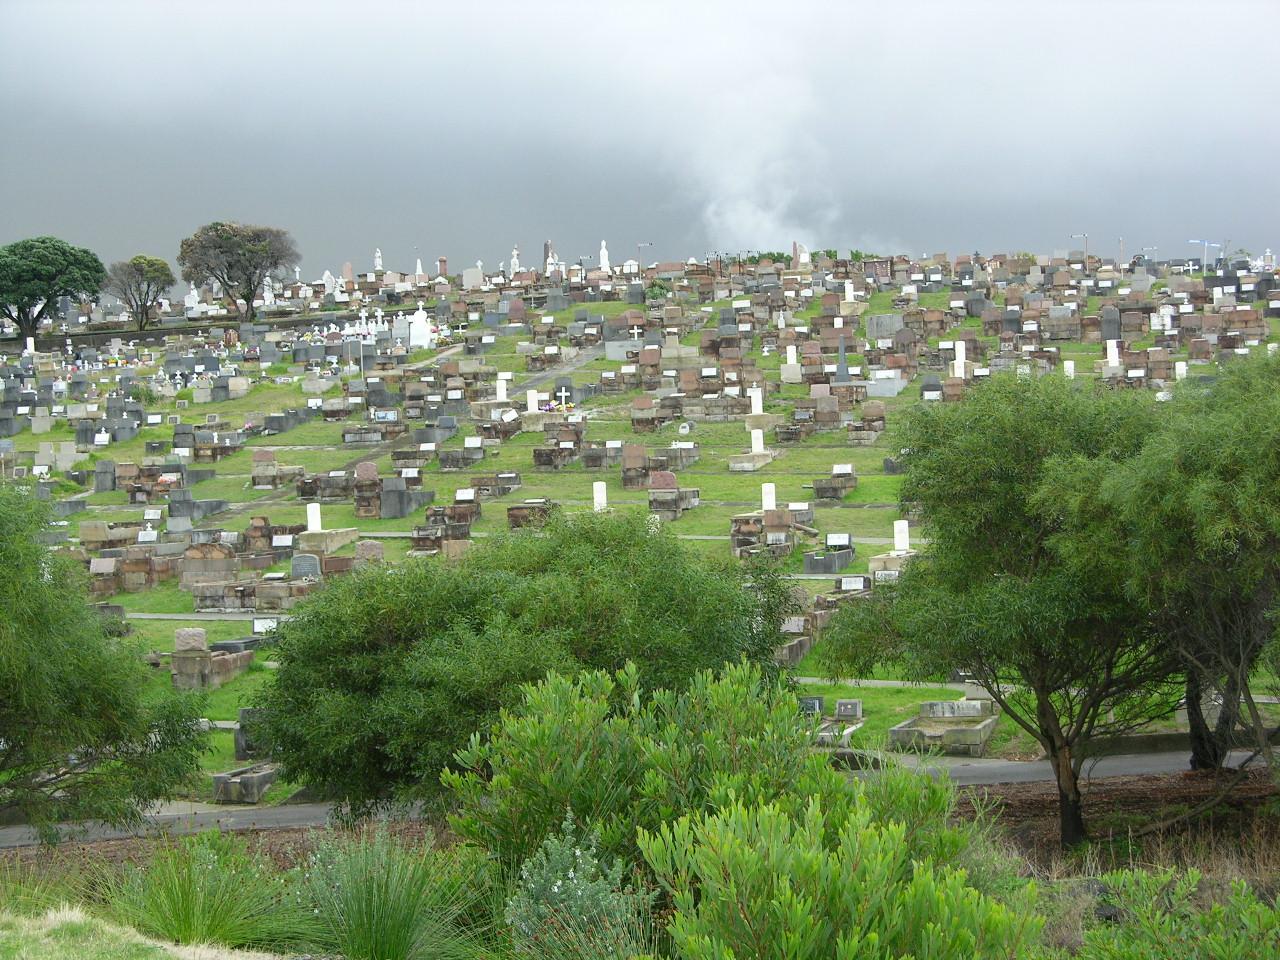 Eastern Suburbs Memorial Park Cemetery and Crematorium - 6